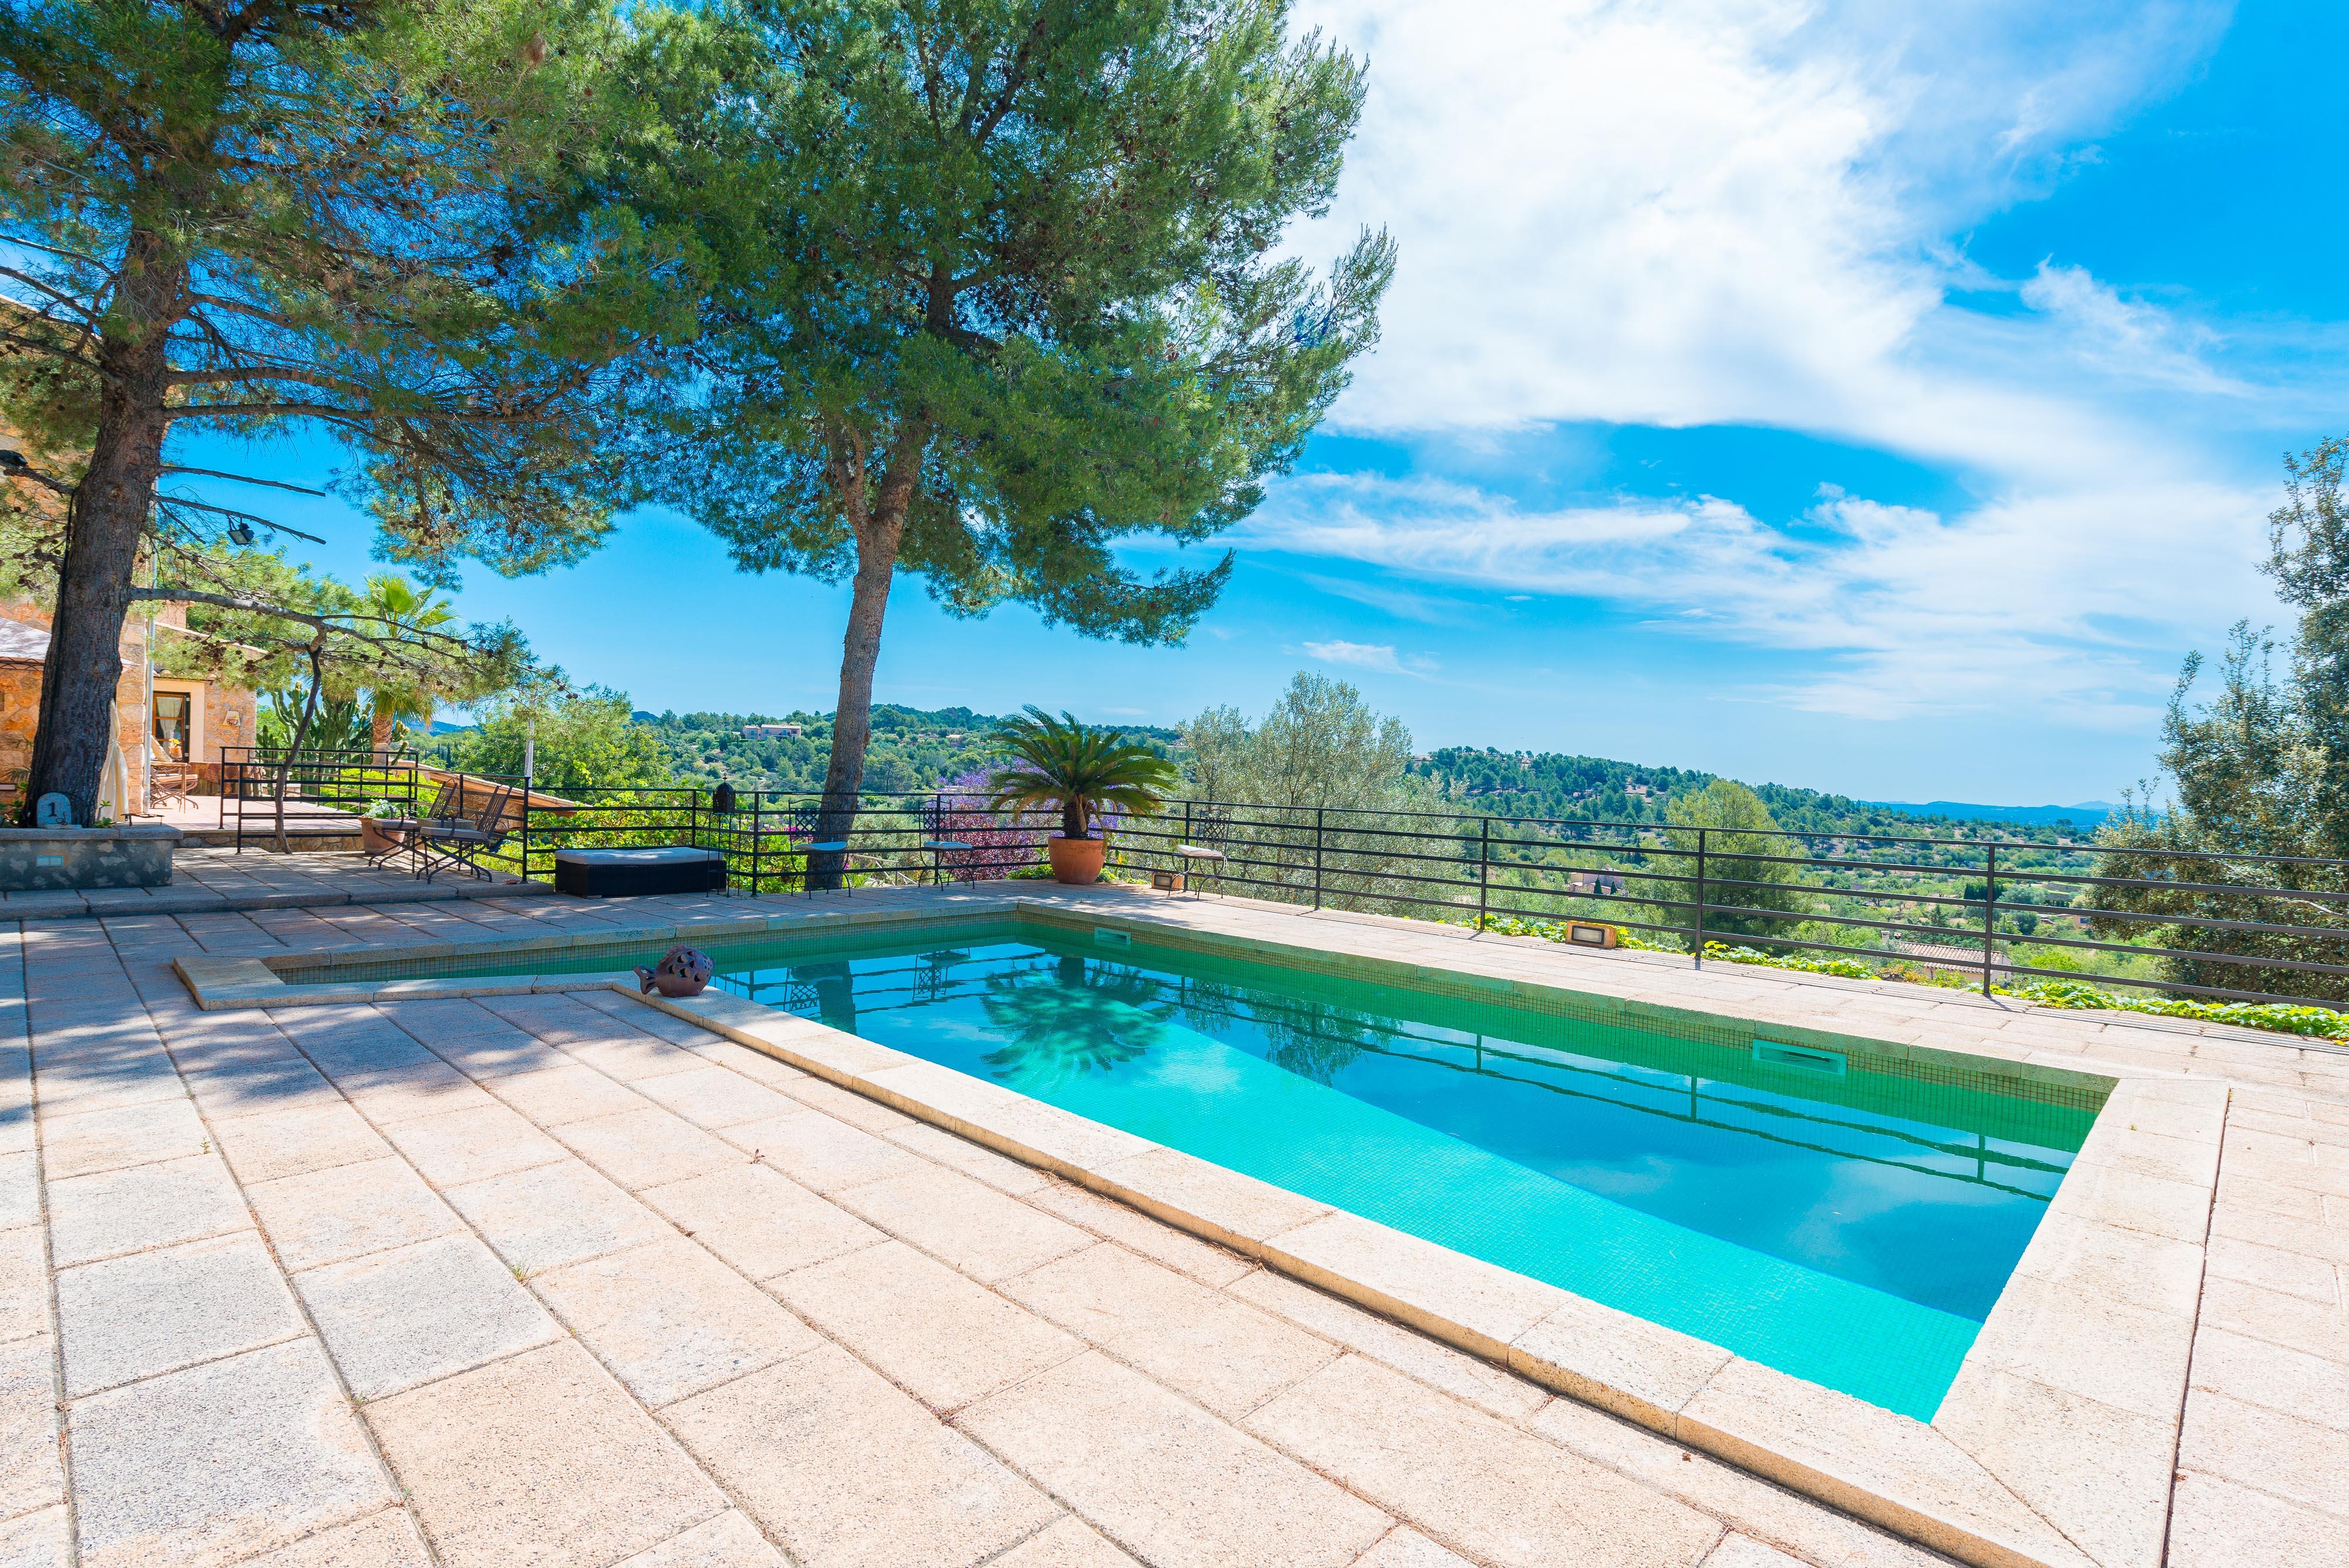 Maison de vacances ES PINAR (1956282), Alaro, Majorque, Iles Baléares, Espagne, image 4